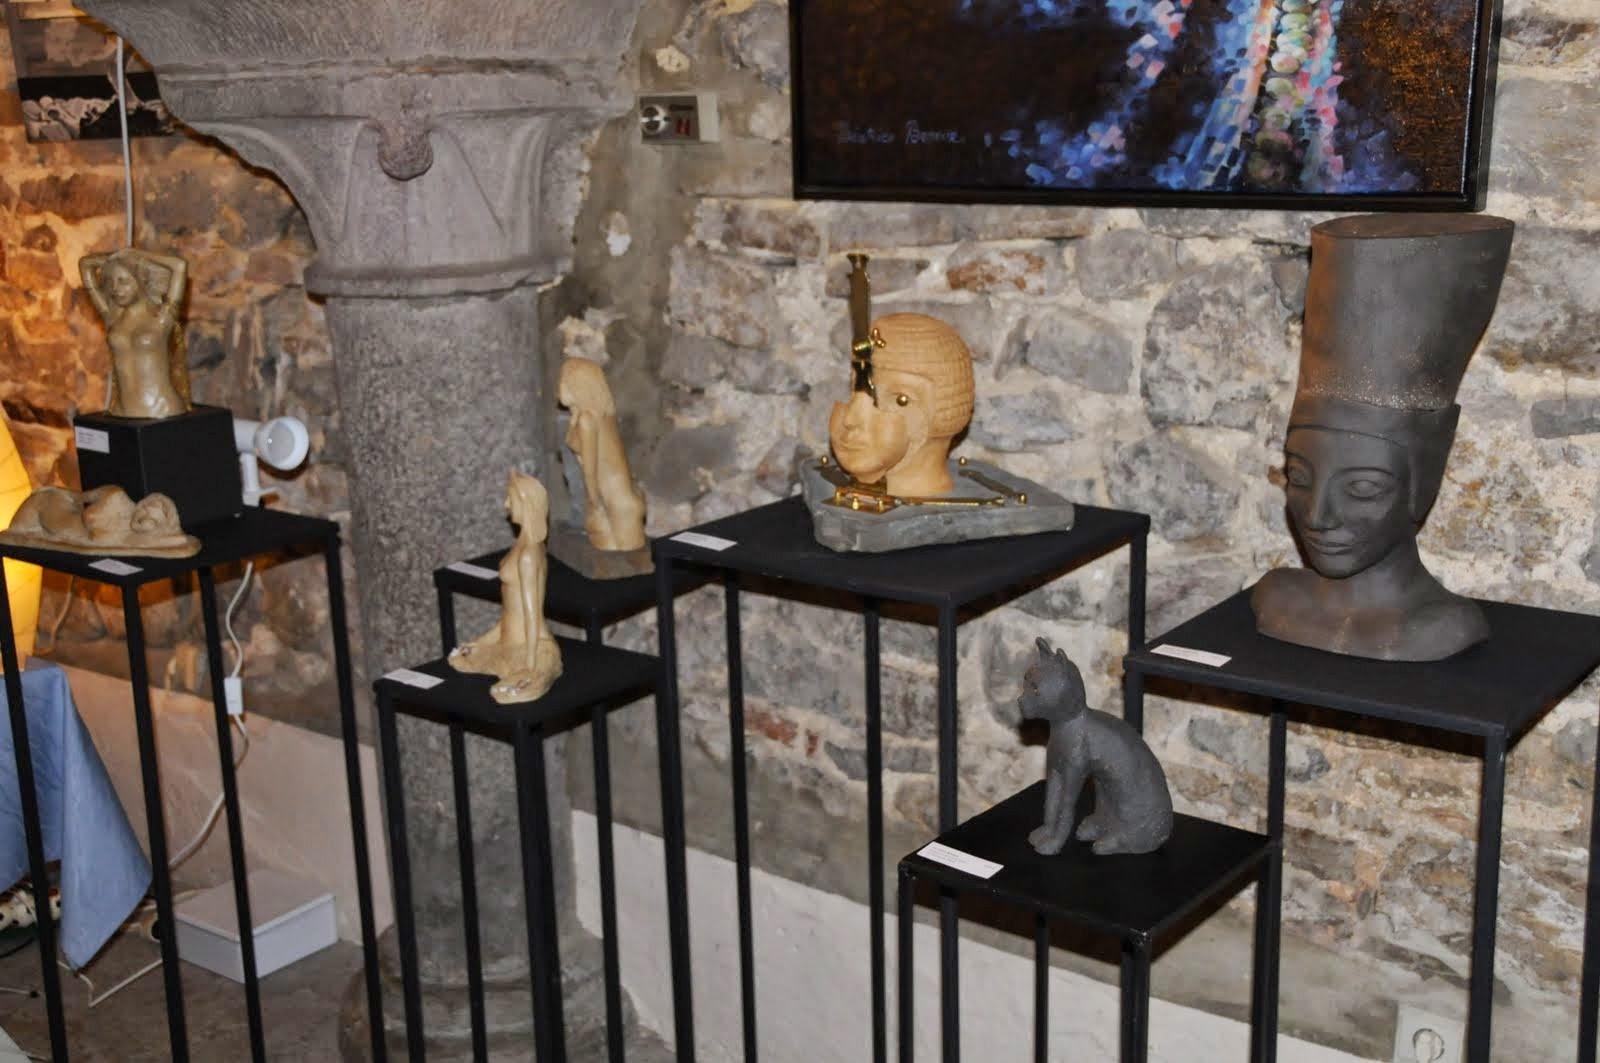 Vue de mon emplacement et de mes sculptures en terre cuite